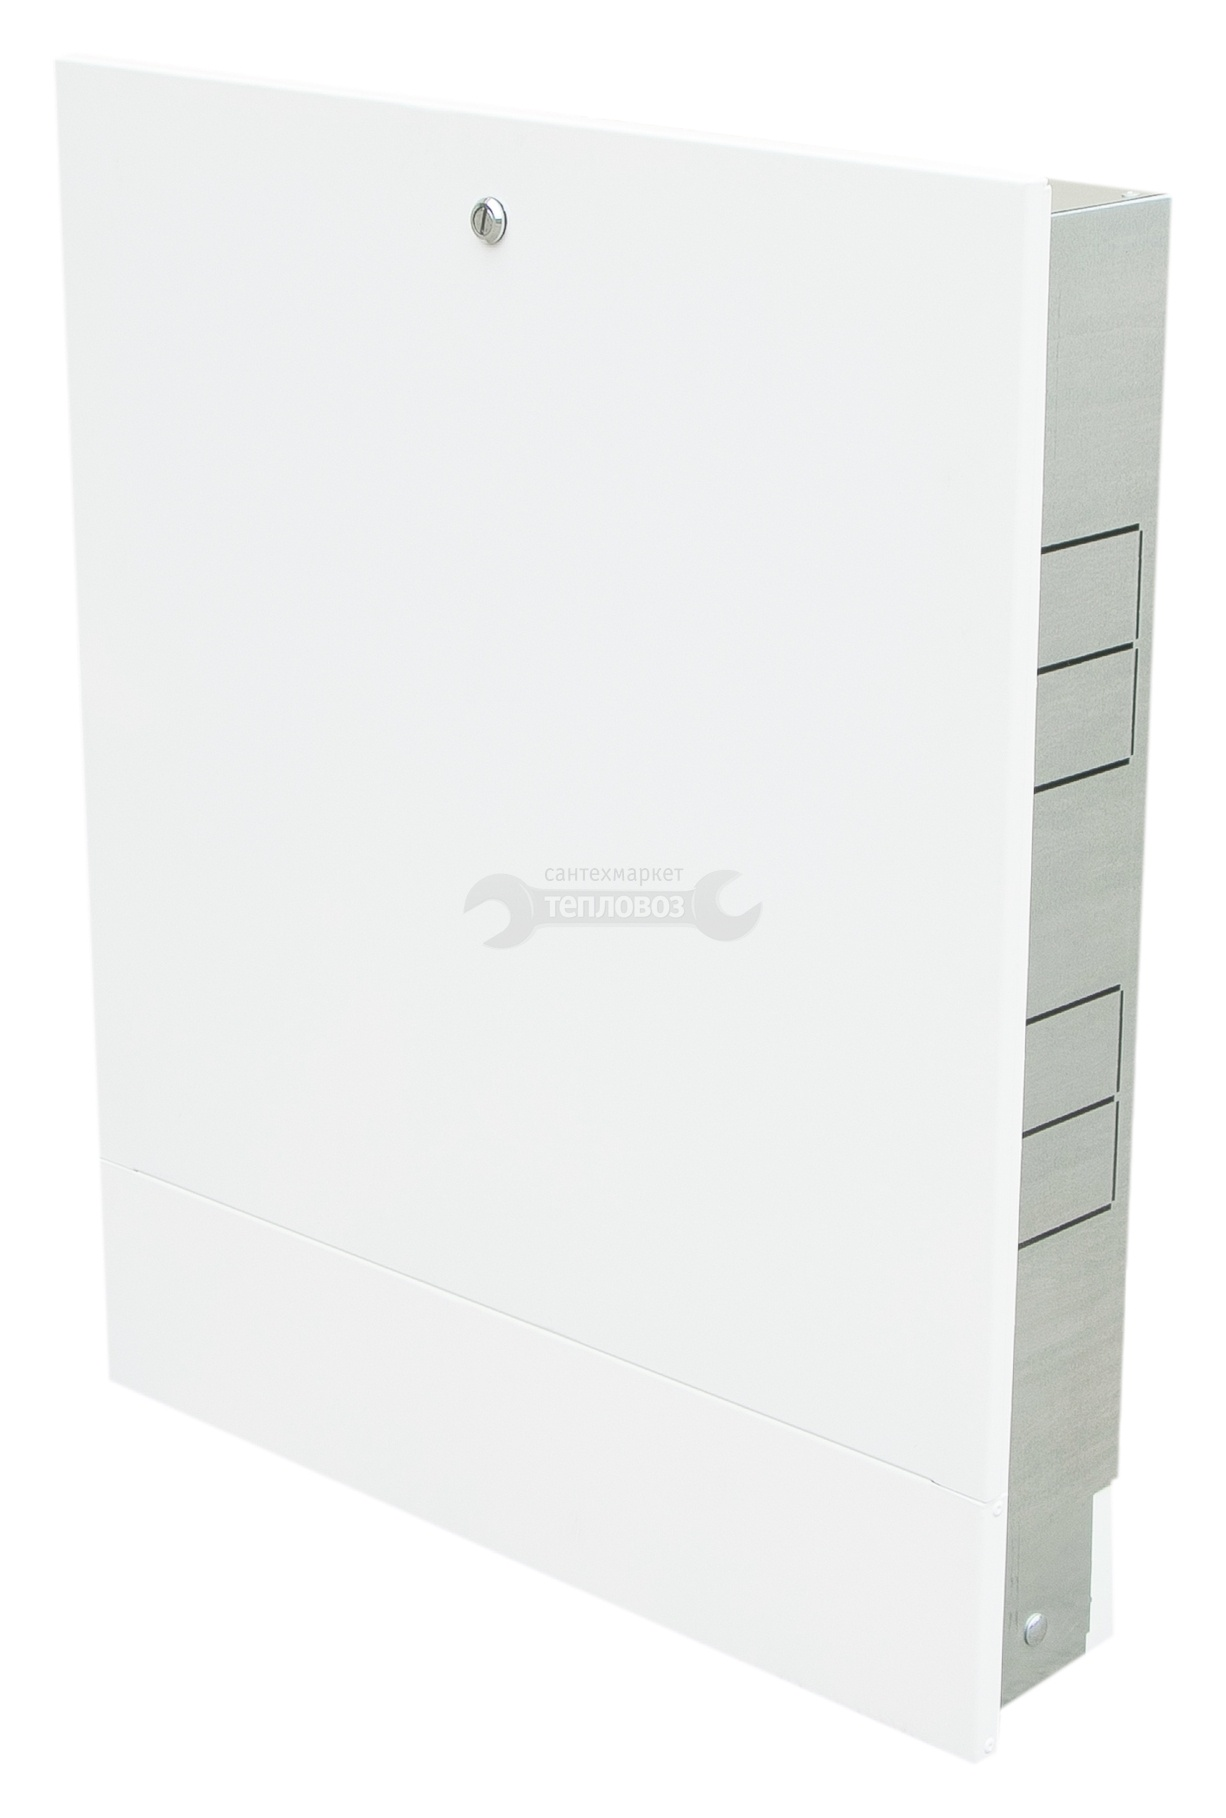 Купить Wester ШРВ-2 в интернет-магазине Дождь